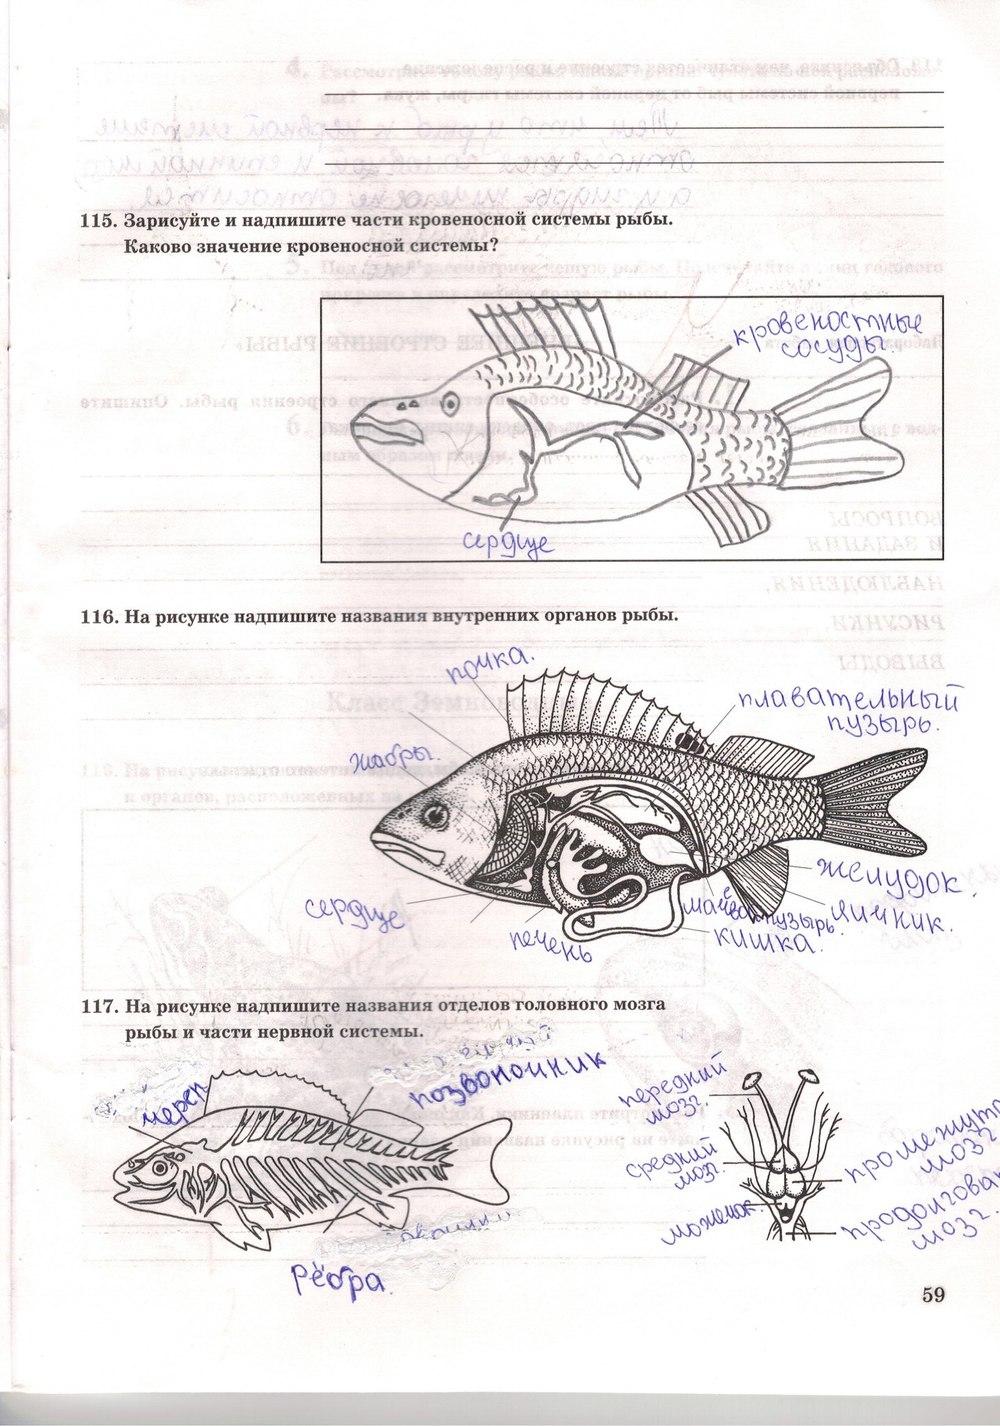 Гдз По Биологии 7 Класс Рабочая Тетрадь Сонина С Рыбками